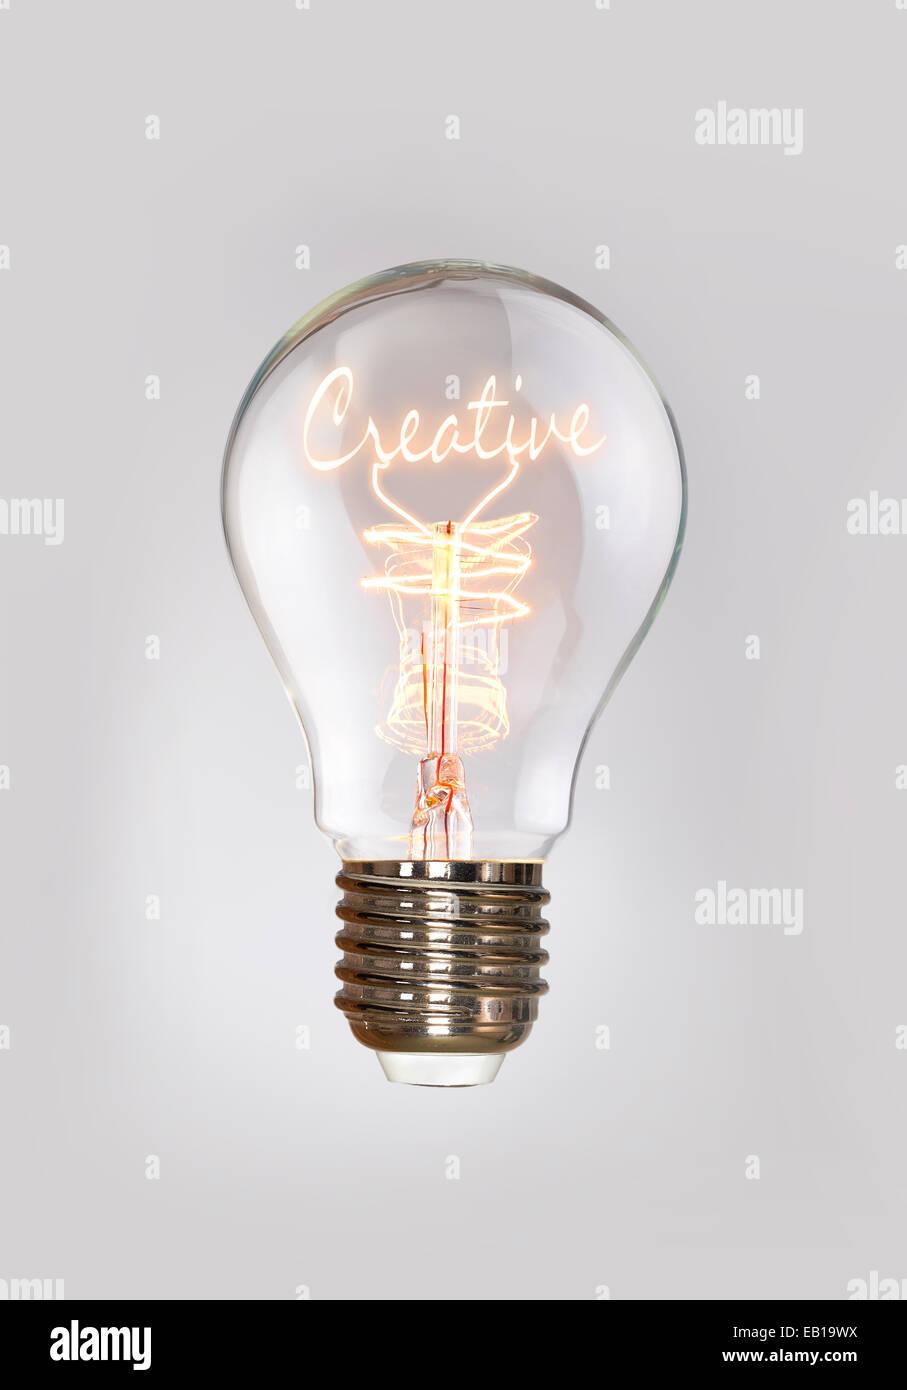 Concetto creativo in una lampadina a filamento. Immagini Stock